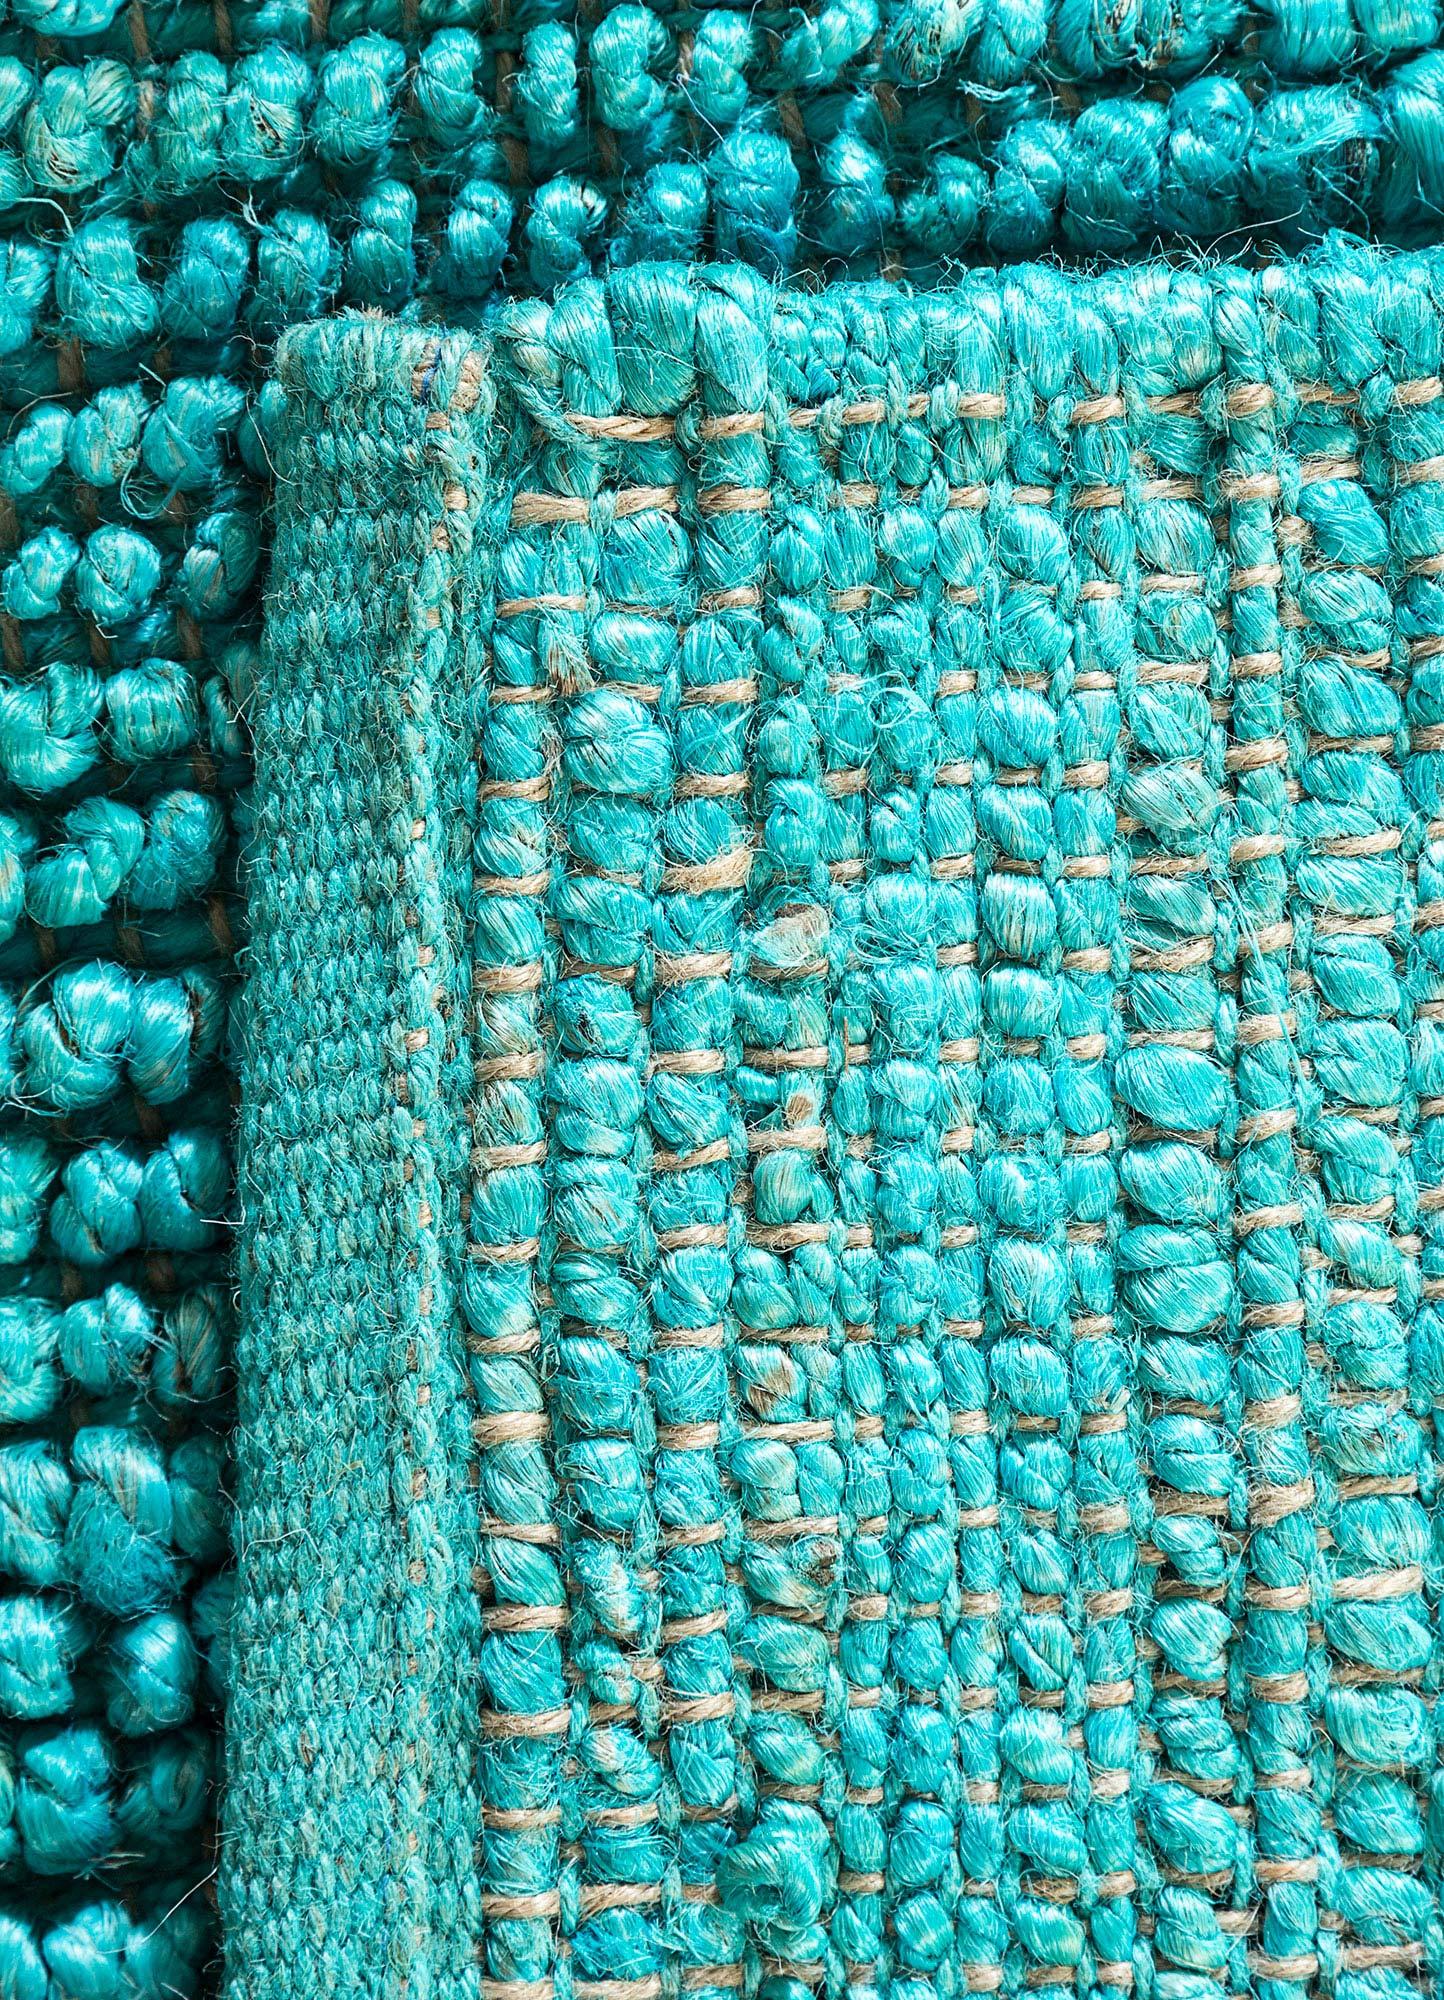 abrash blue jute and hemp jute rugs Rug - Perspective